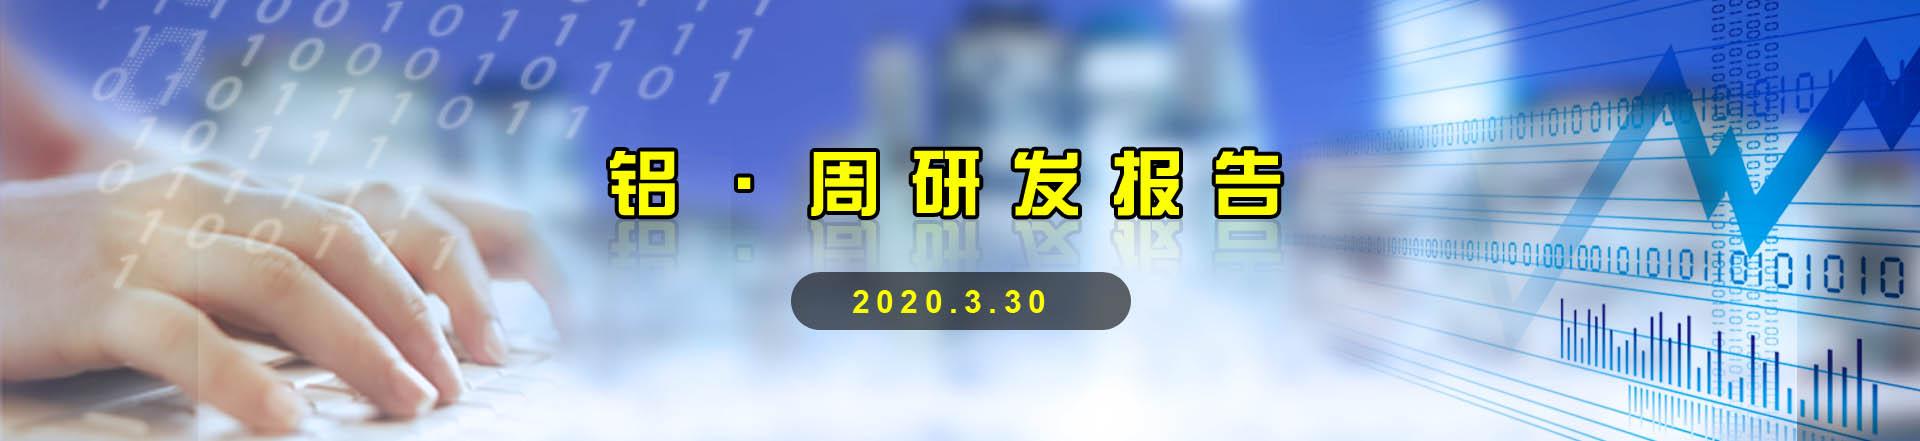 【鋁】鋁·周研發報告集錦 20200330